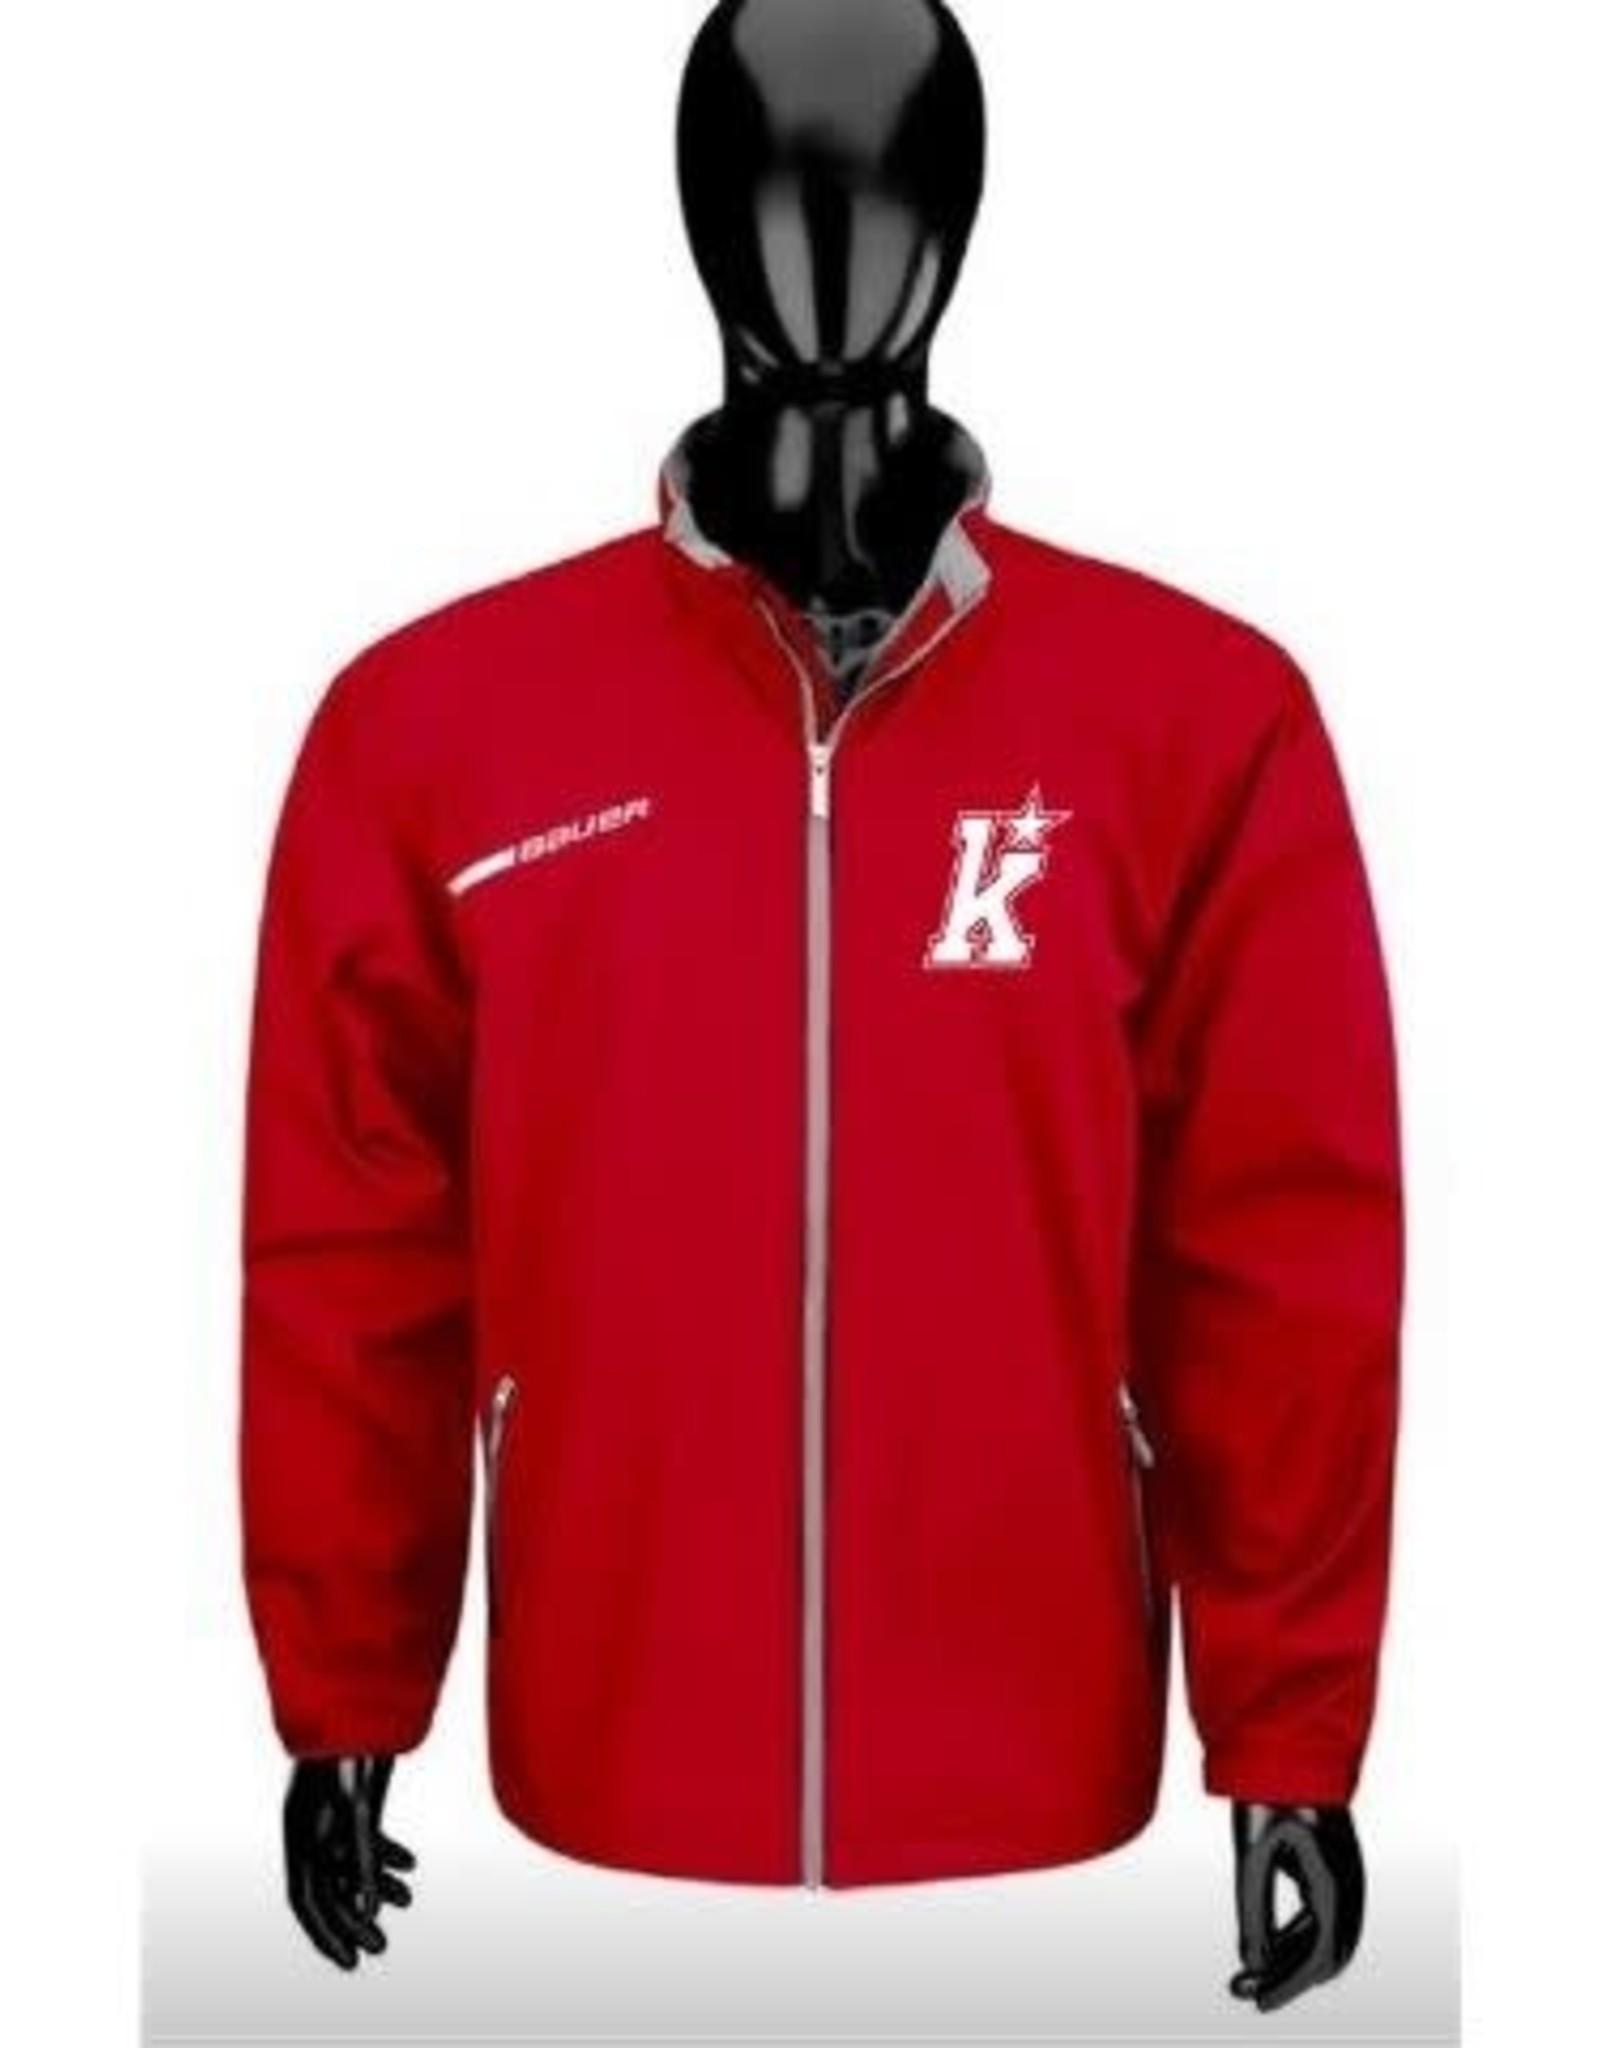 Bauer Kirkwood Bauer Flex Warm Up Jacket (ADULT)